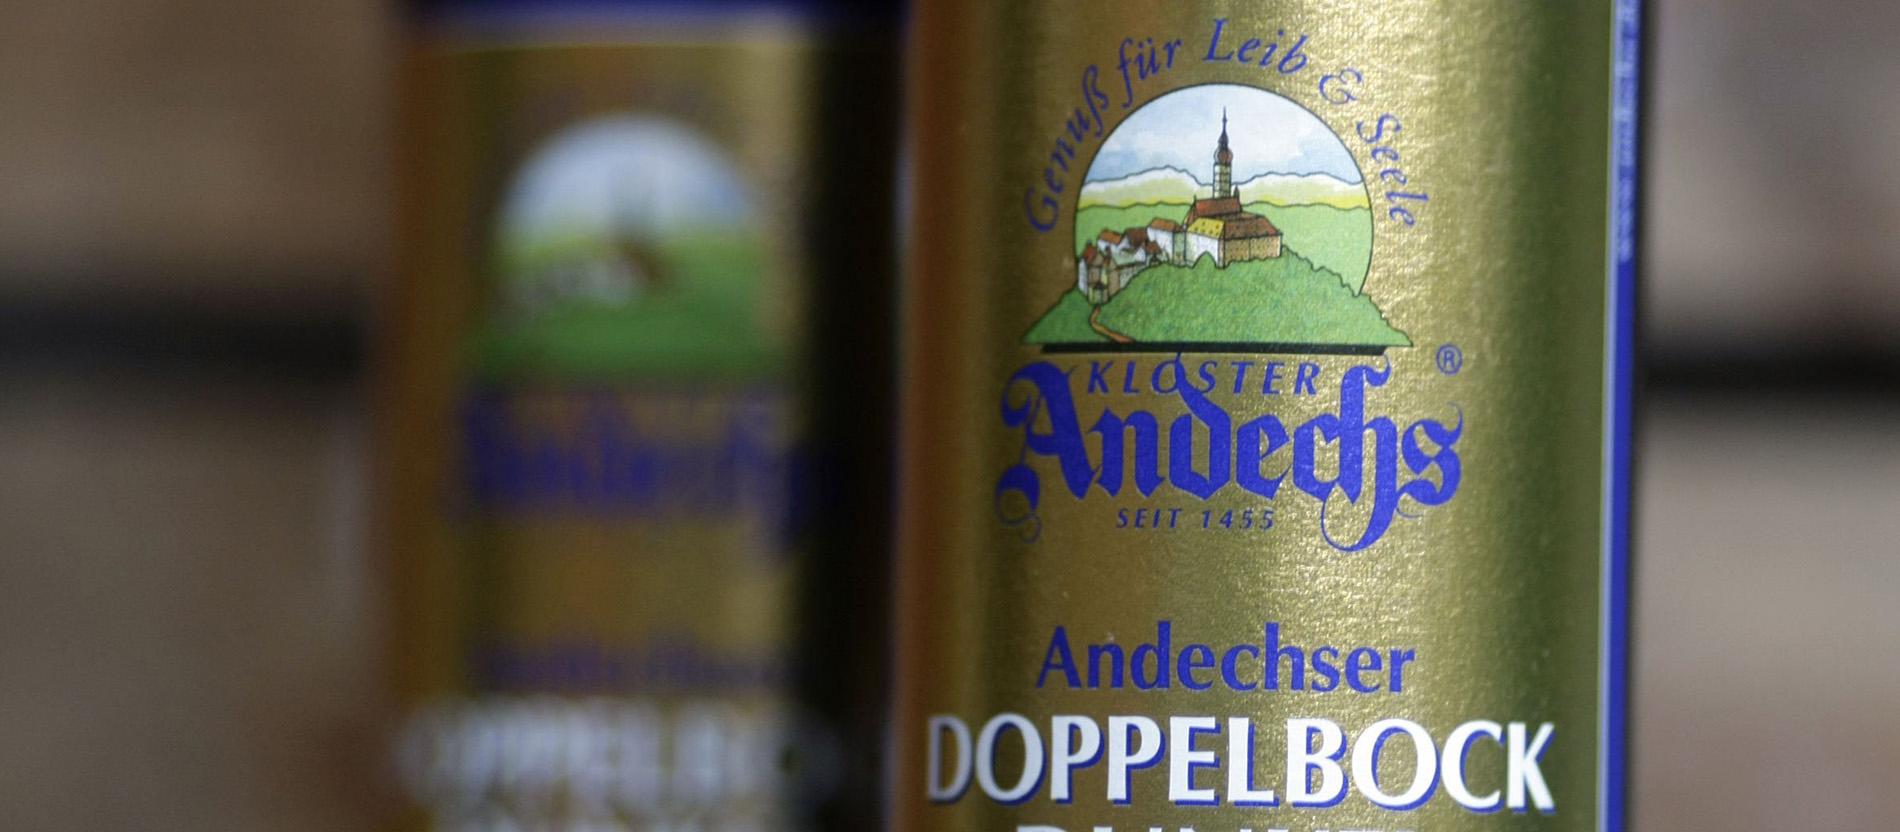 Kloster Andechs Weihnachtsmarkt.Benediktiner Investieren 12 Millionen Euro In Andechser